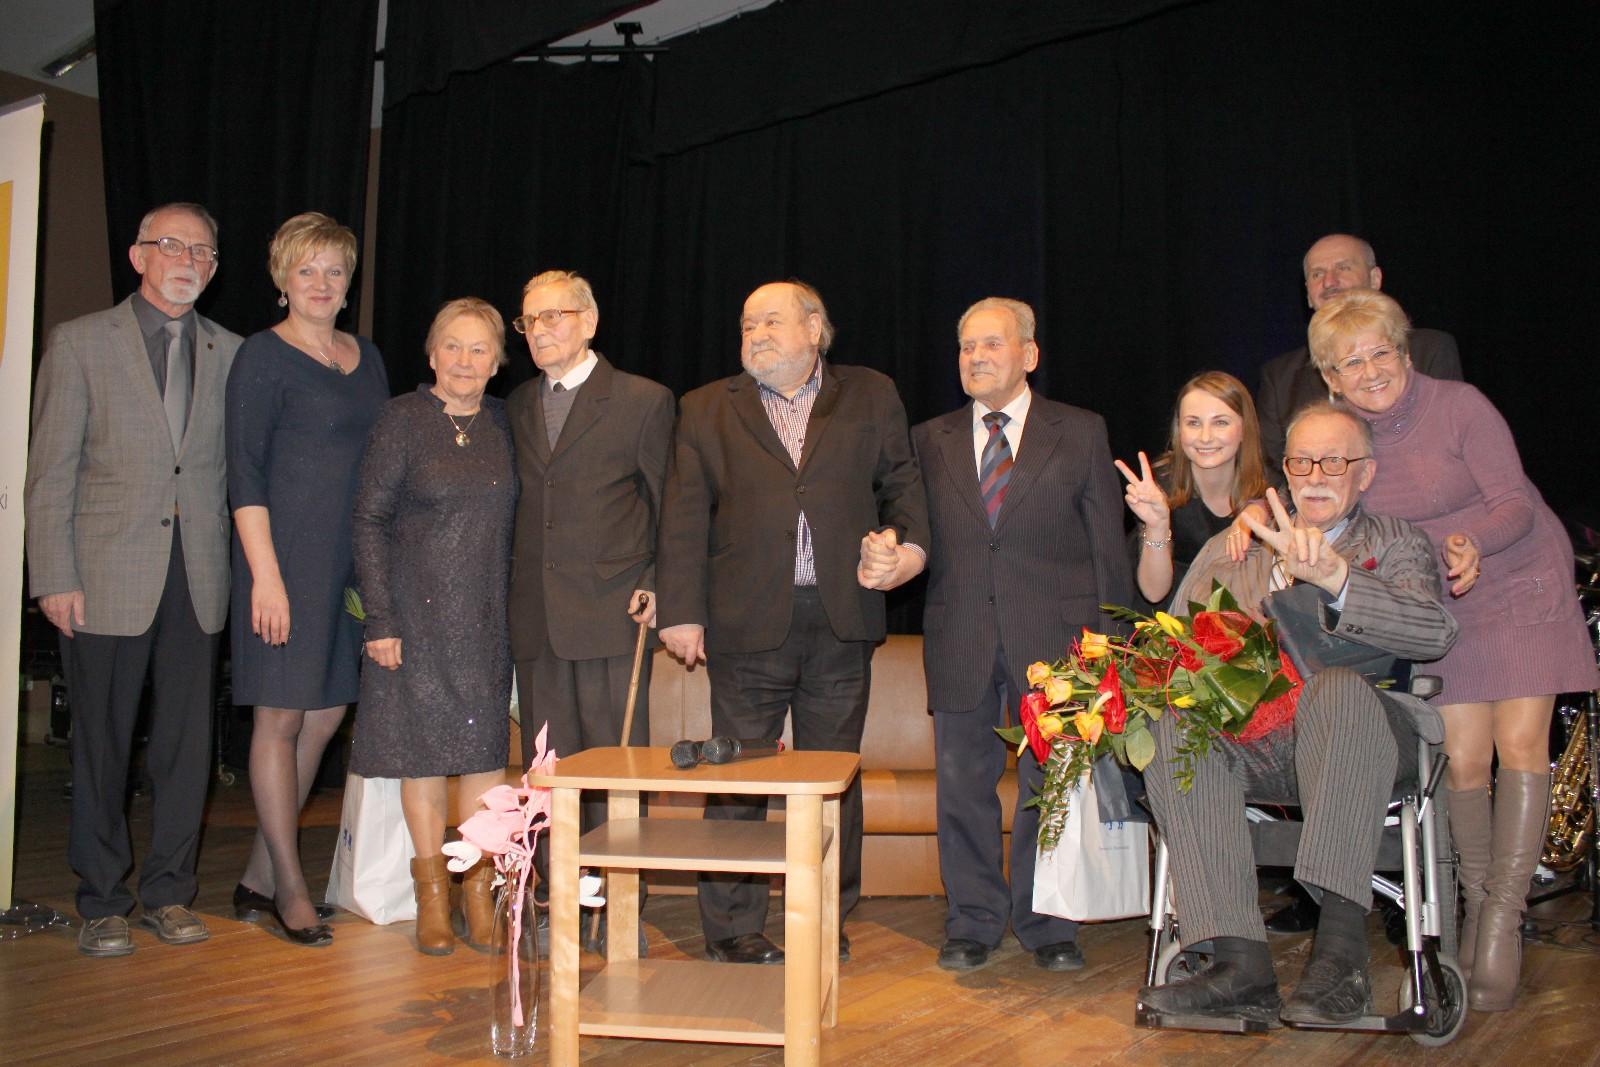 Na zdjęciu m.in. Marek Karewicz i goście uroczystości